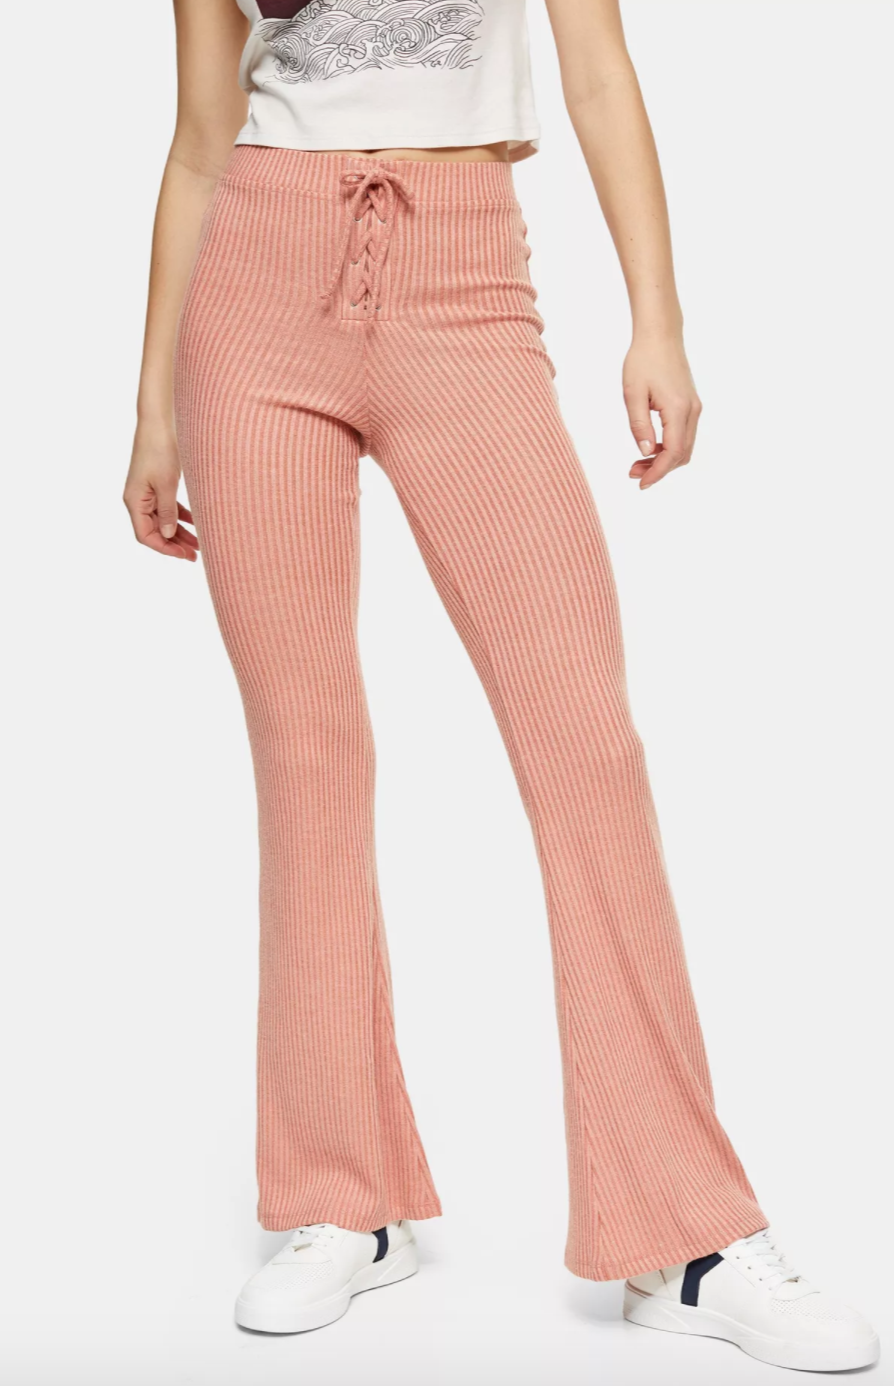 Top Shop Lace Up Flare Pants